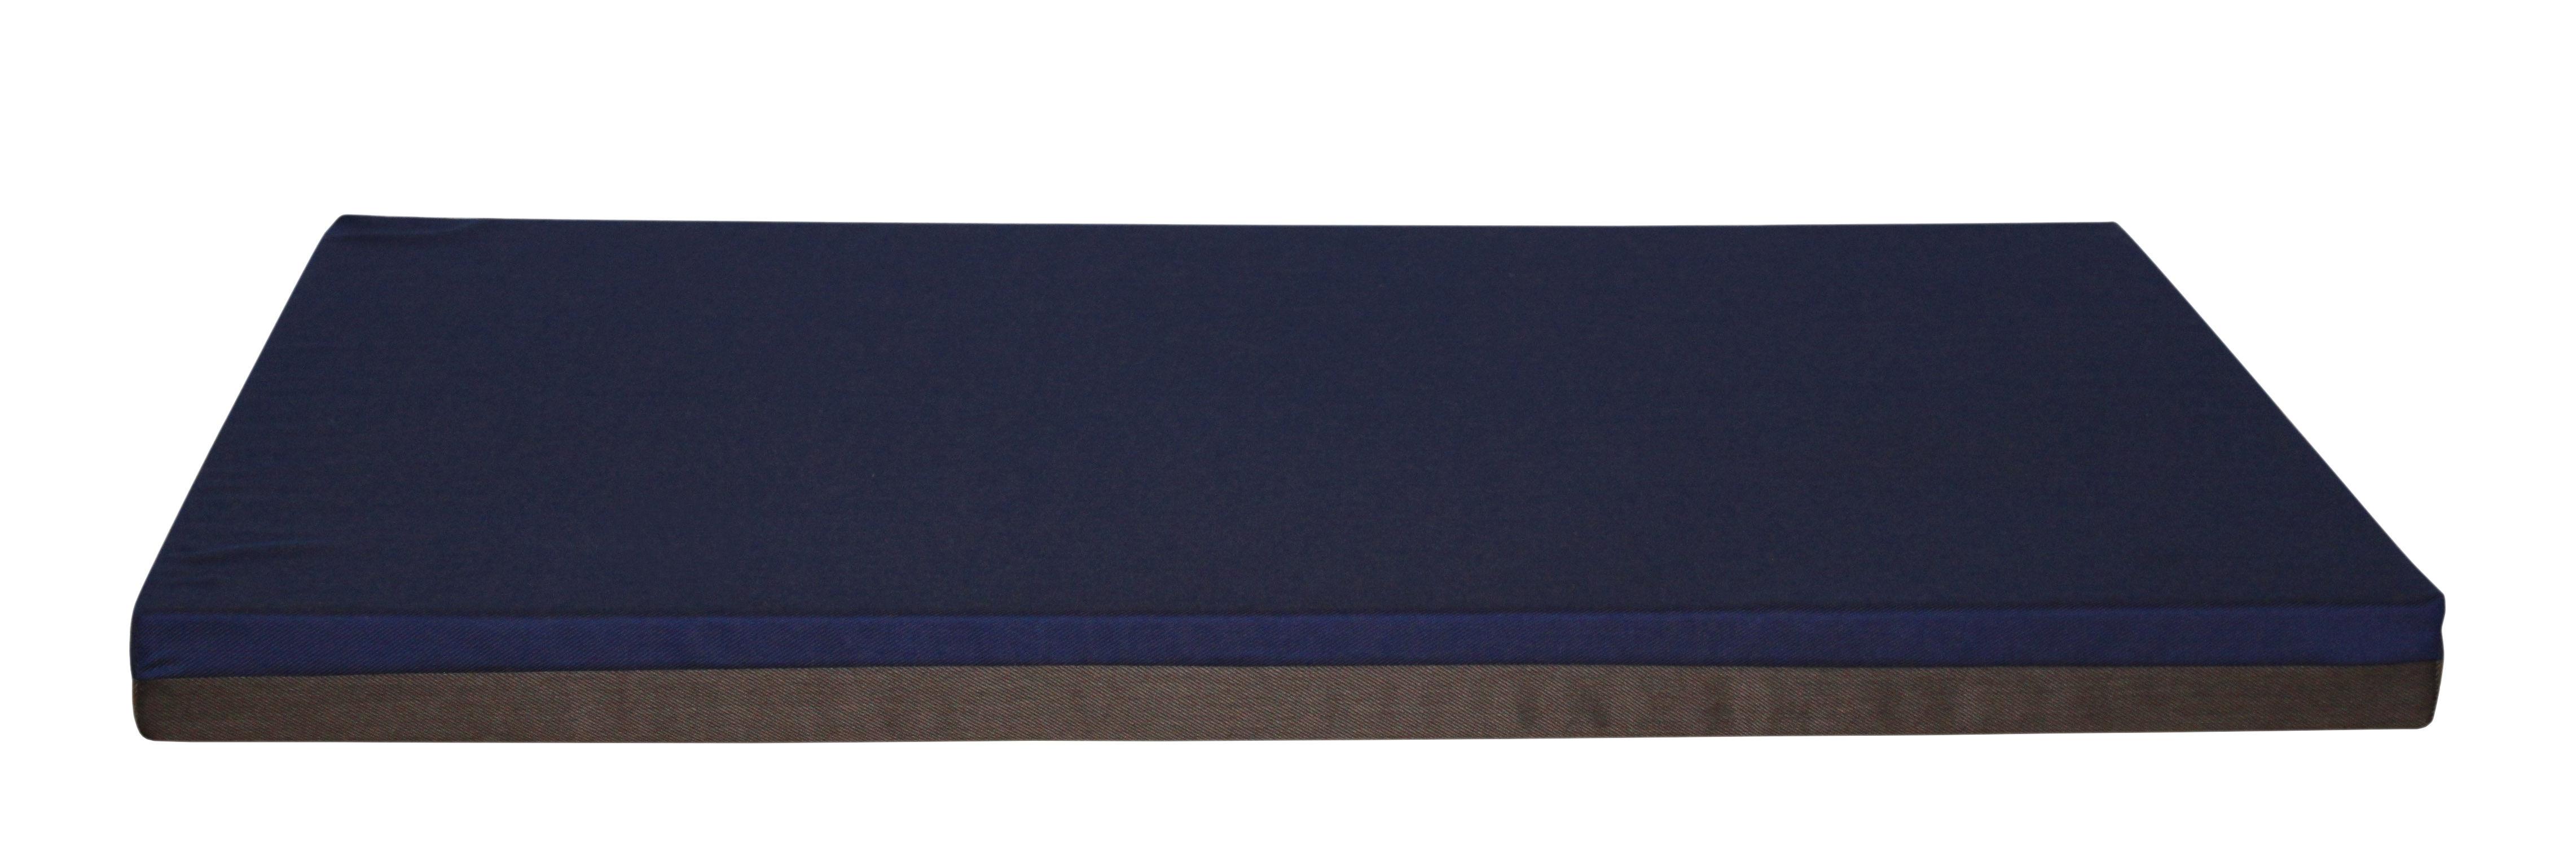 Mobilier - Compléments d'ameublement - Matelas Connect / Big - Avec aimants - Trimm Copenhagen - Bleu nuit / Chocolat - Mousse, Tissu Acrisol Twitell